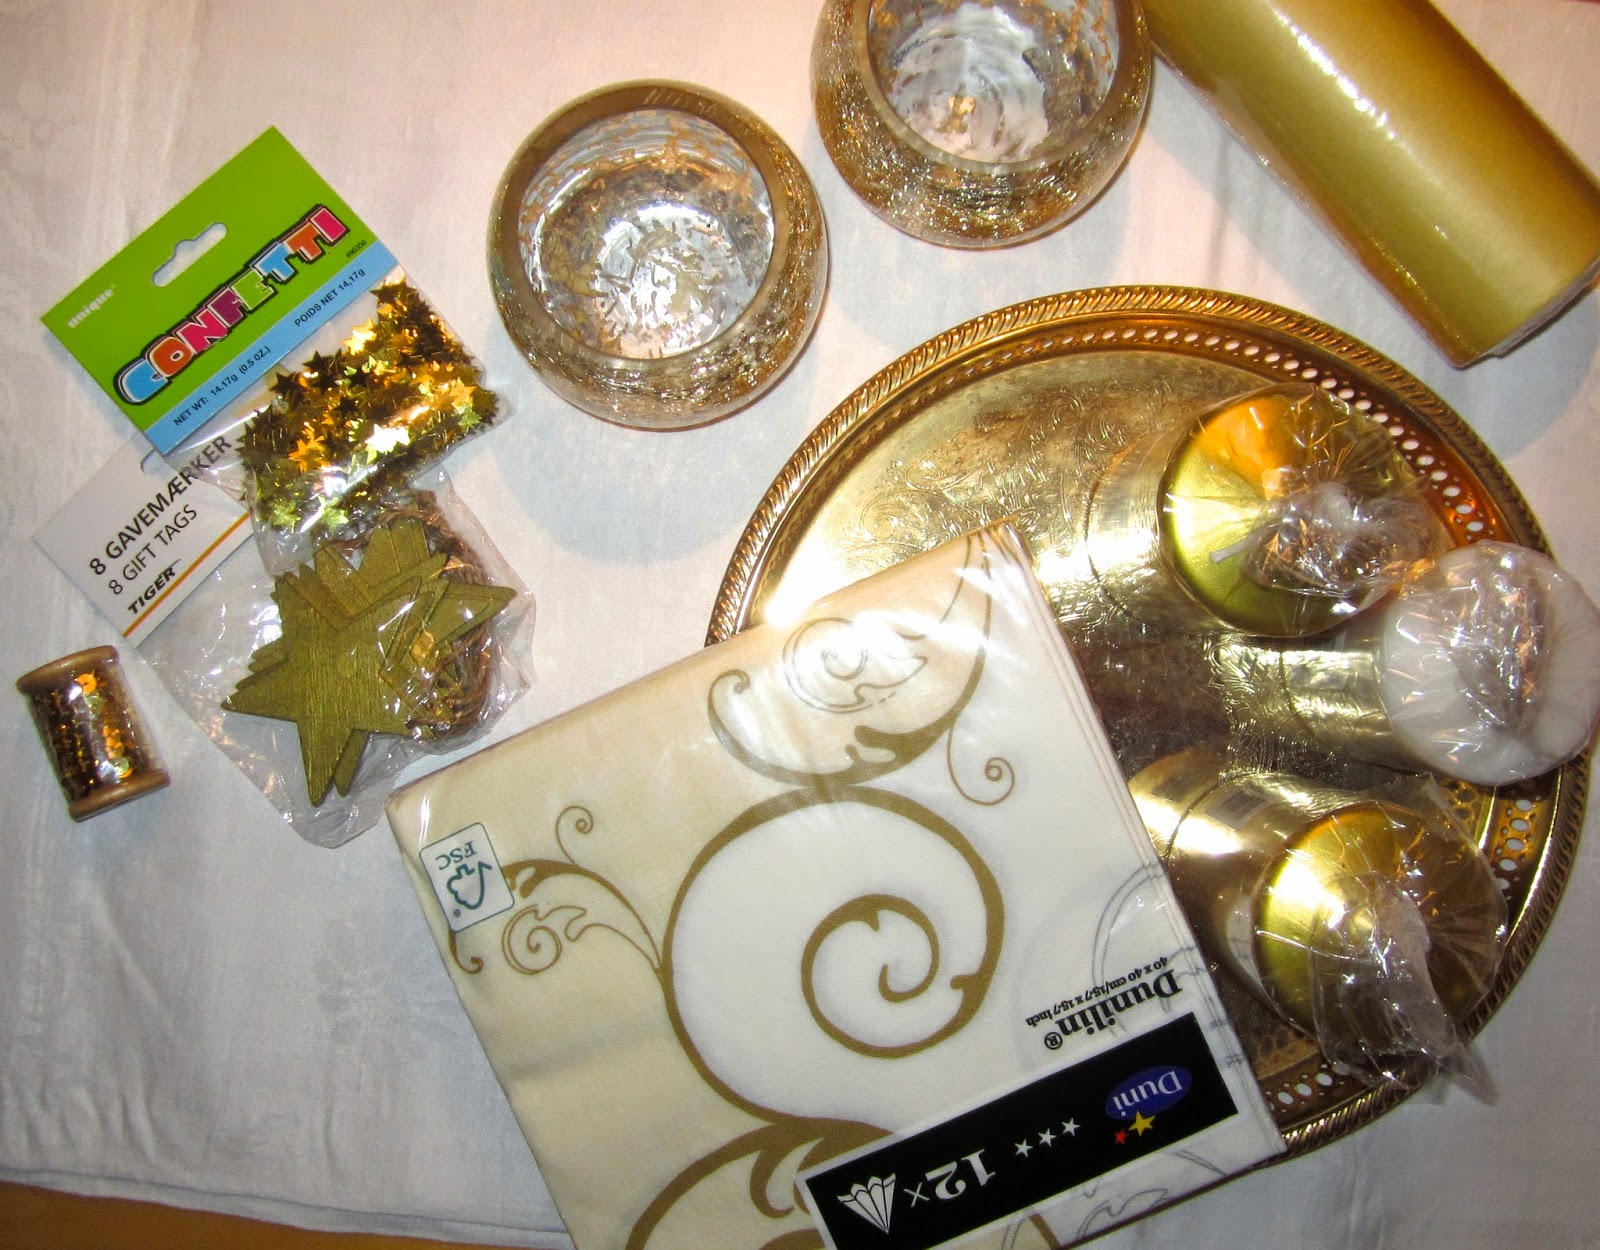 dded036cd5f2 Jag har aldrig dukat med vitt och guld så det ska verkligen bli spännande  att prova något nytt iår.